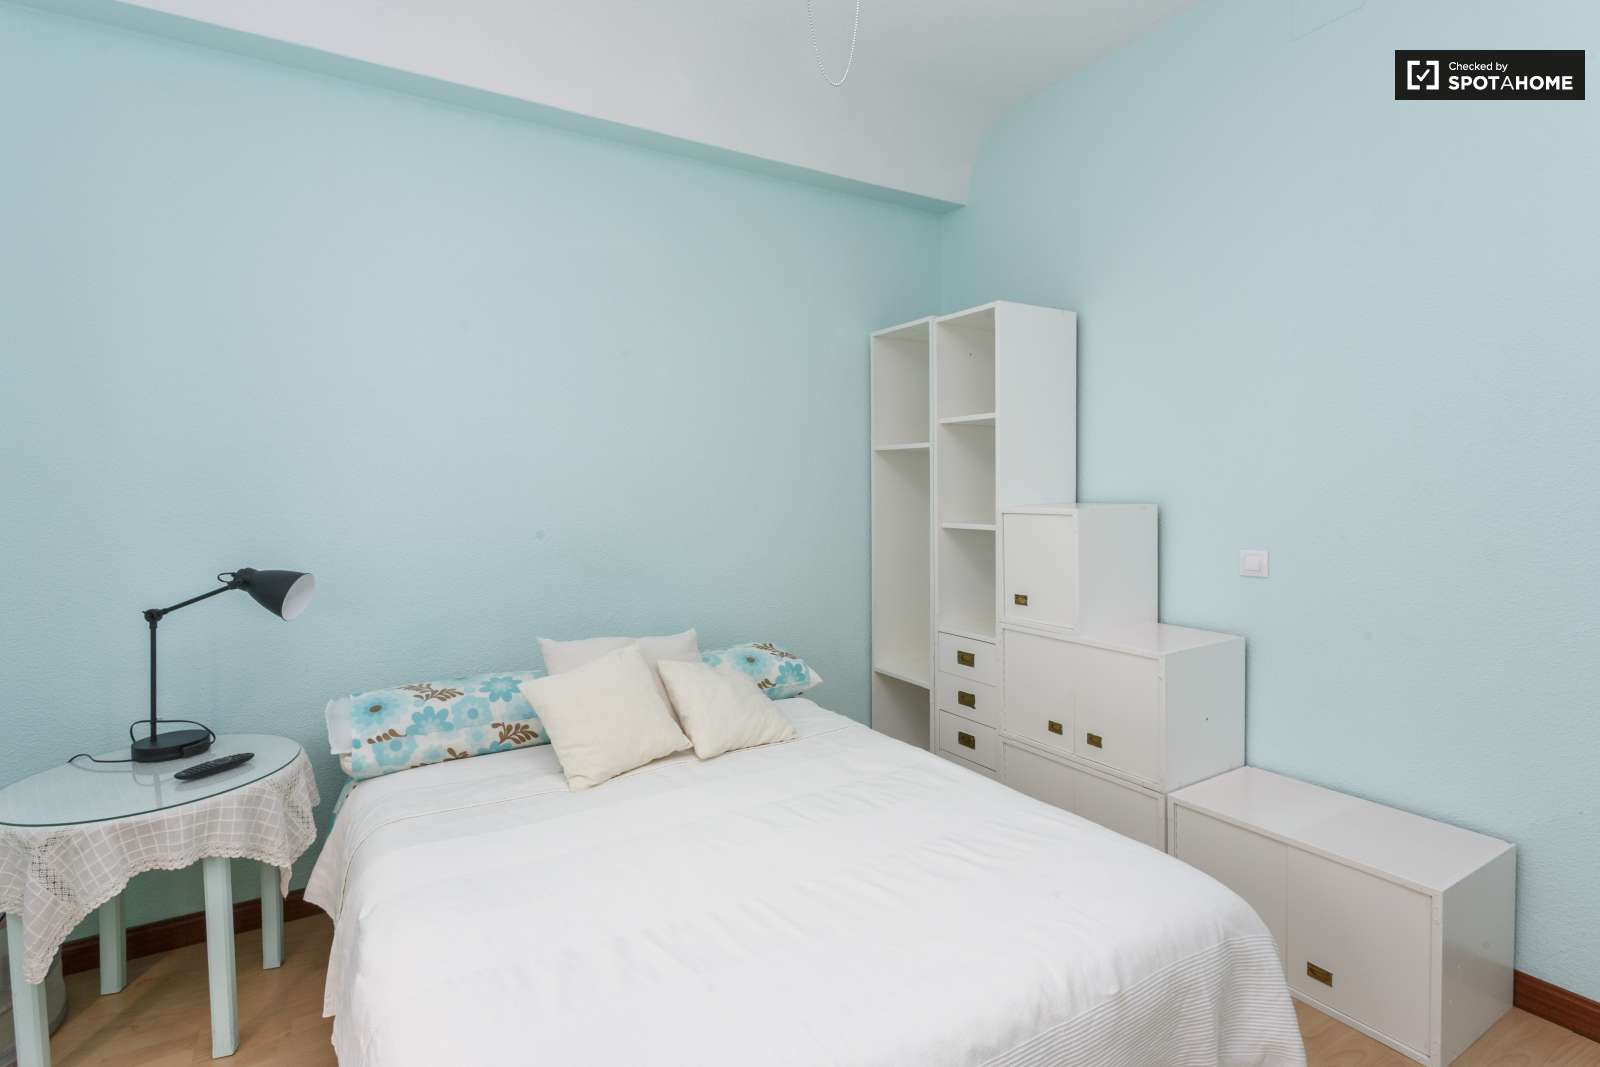 Amplia habitaci n en piso de 5 habitaciones en chamber for Piso 5 habitaciones